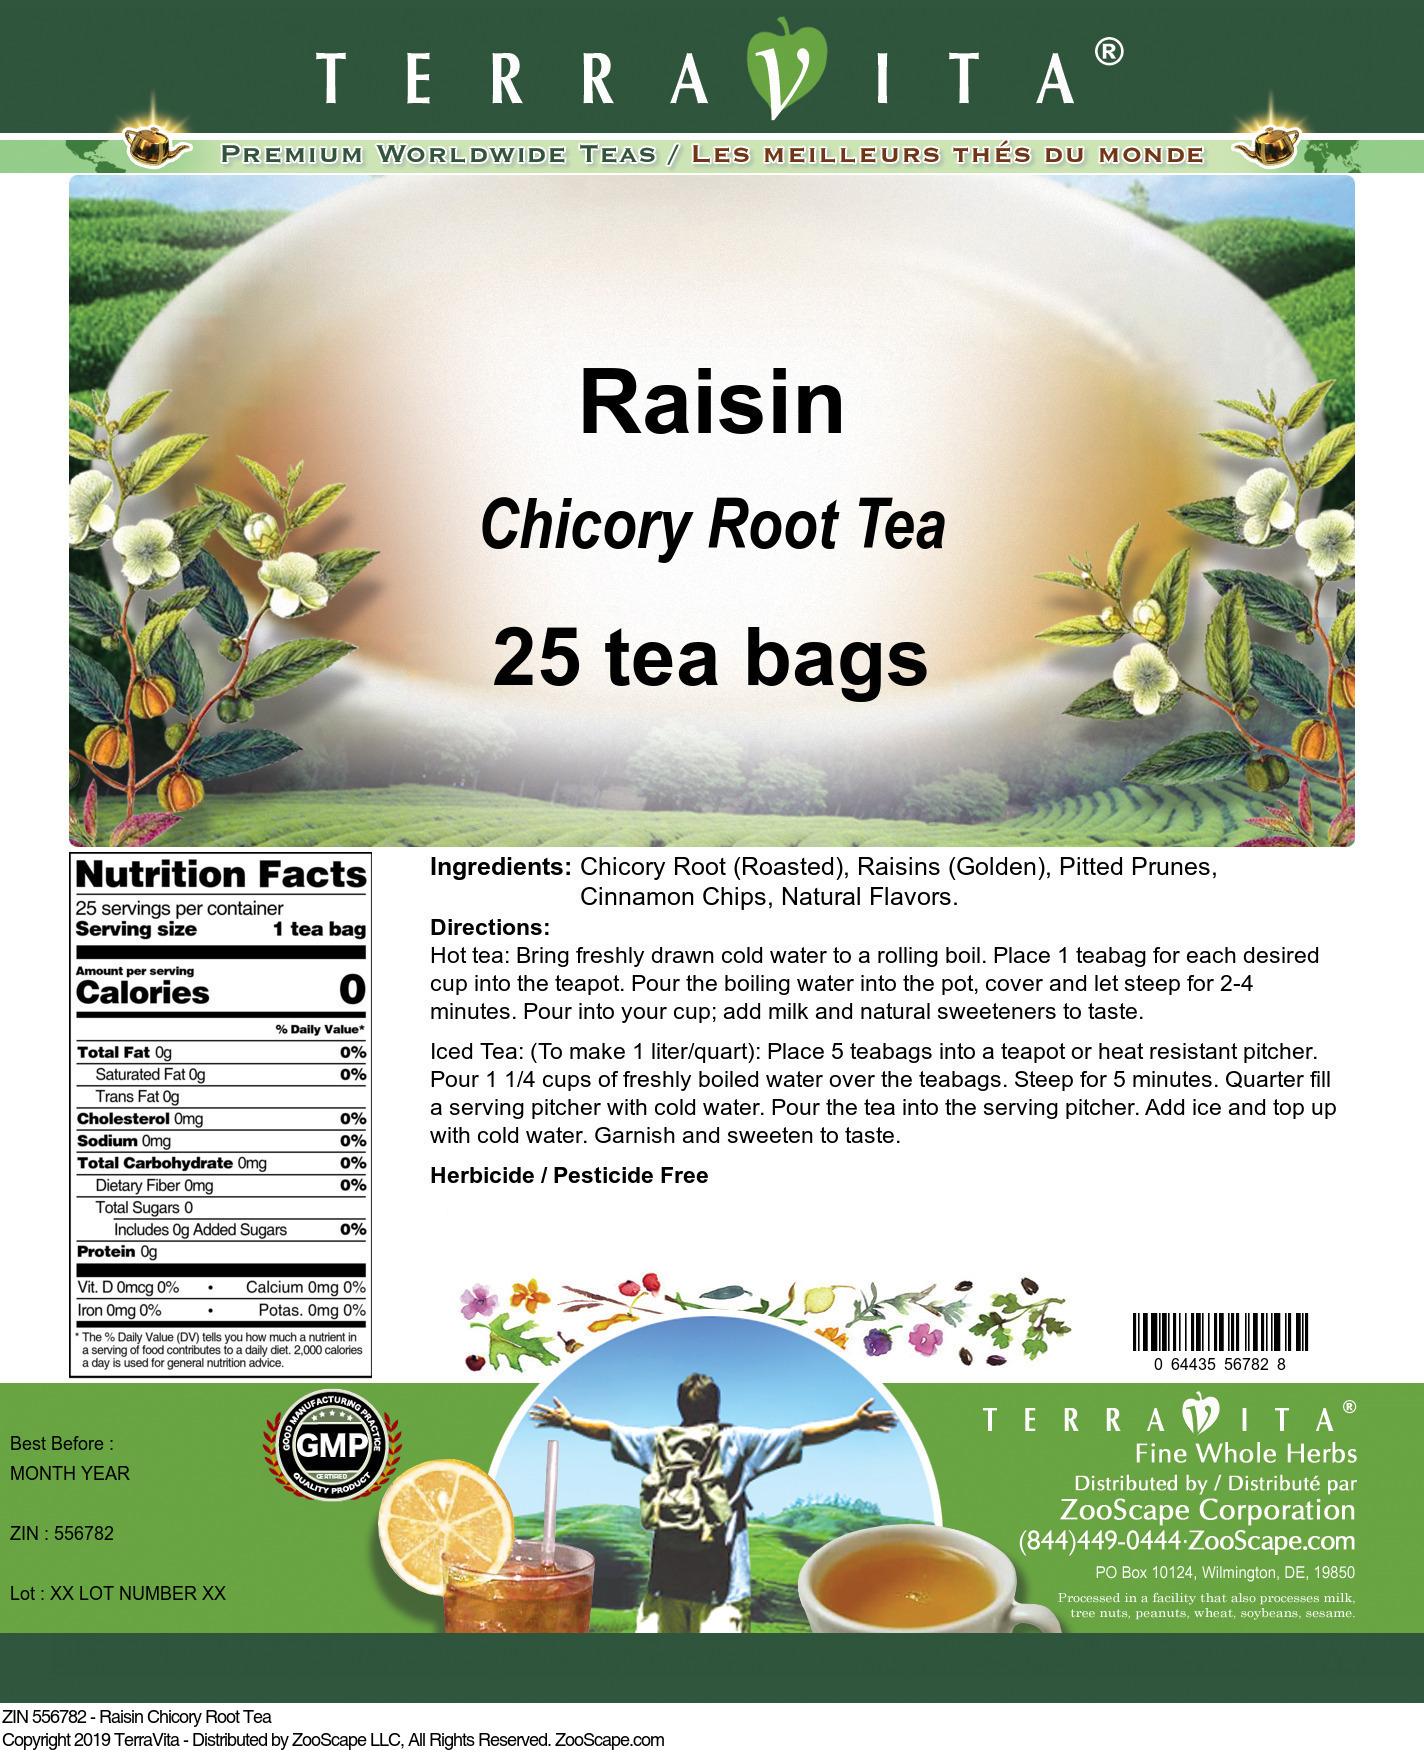 Raisin Chicory Root Tea